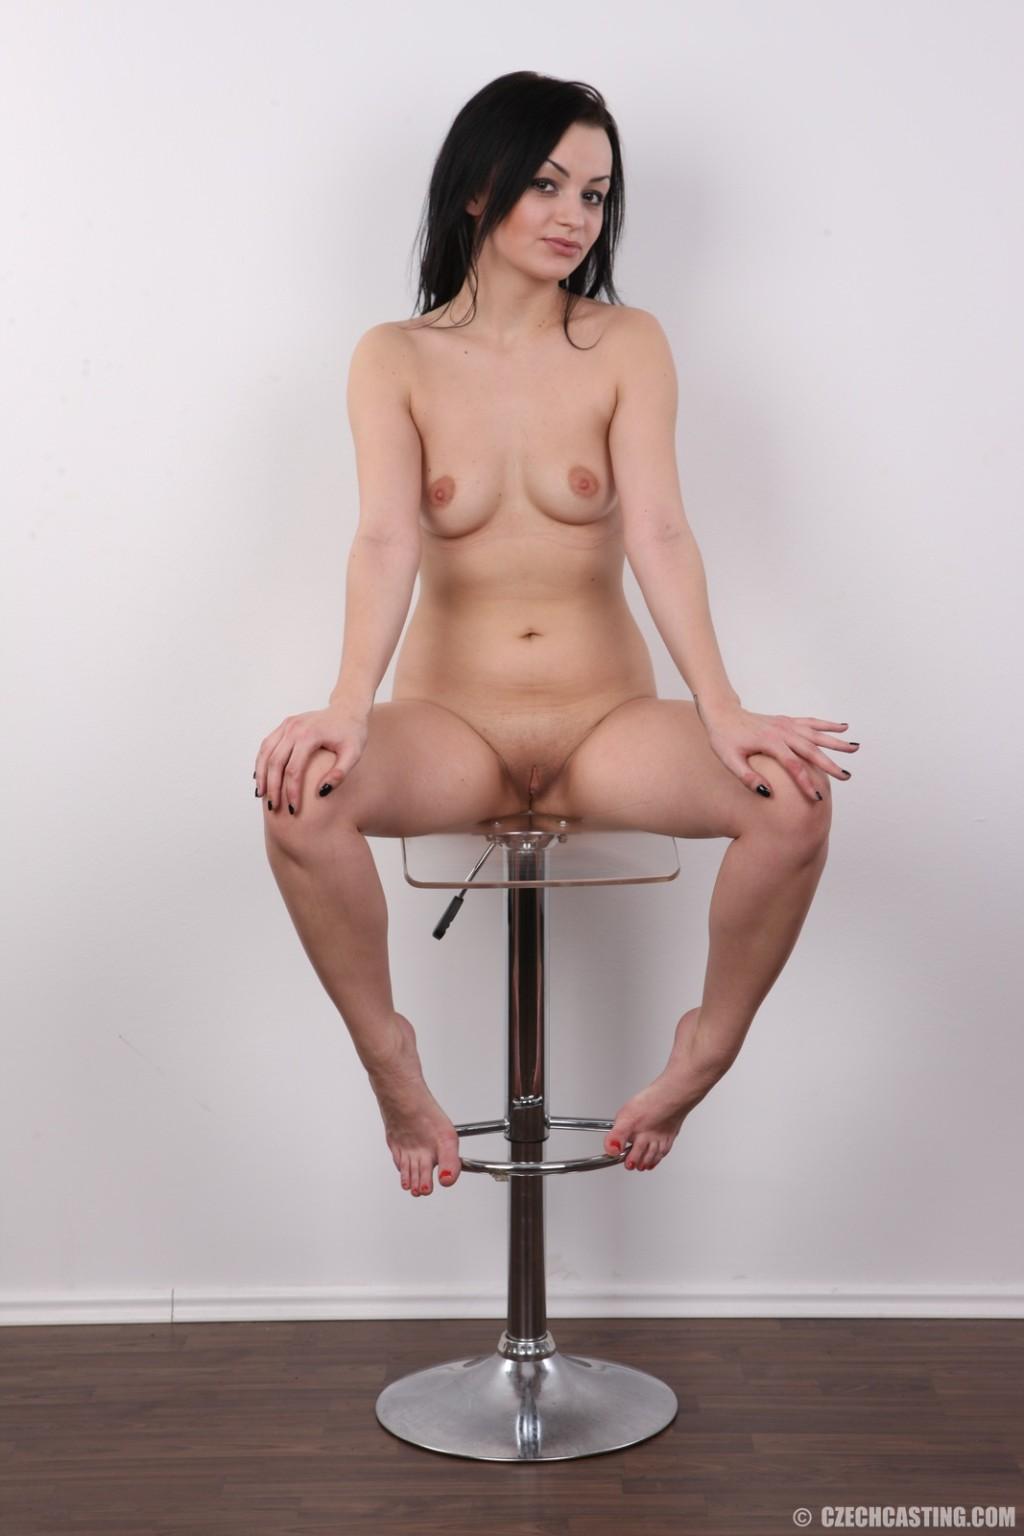 Брюнетка с шикарной пиздой сидит на стуле и делает интим фото